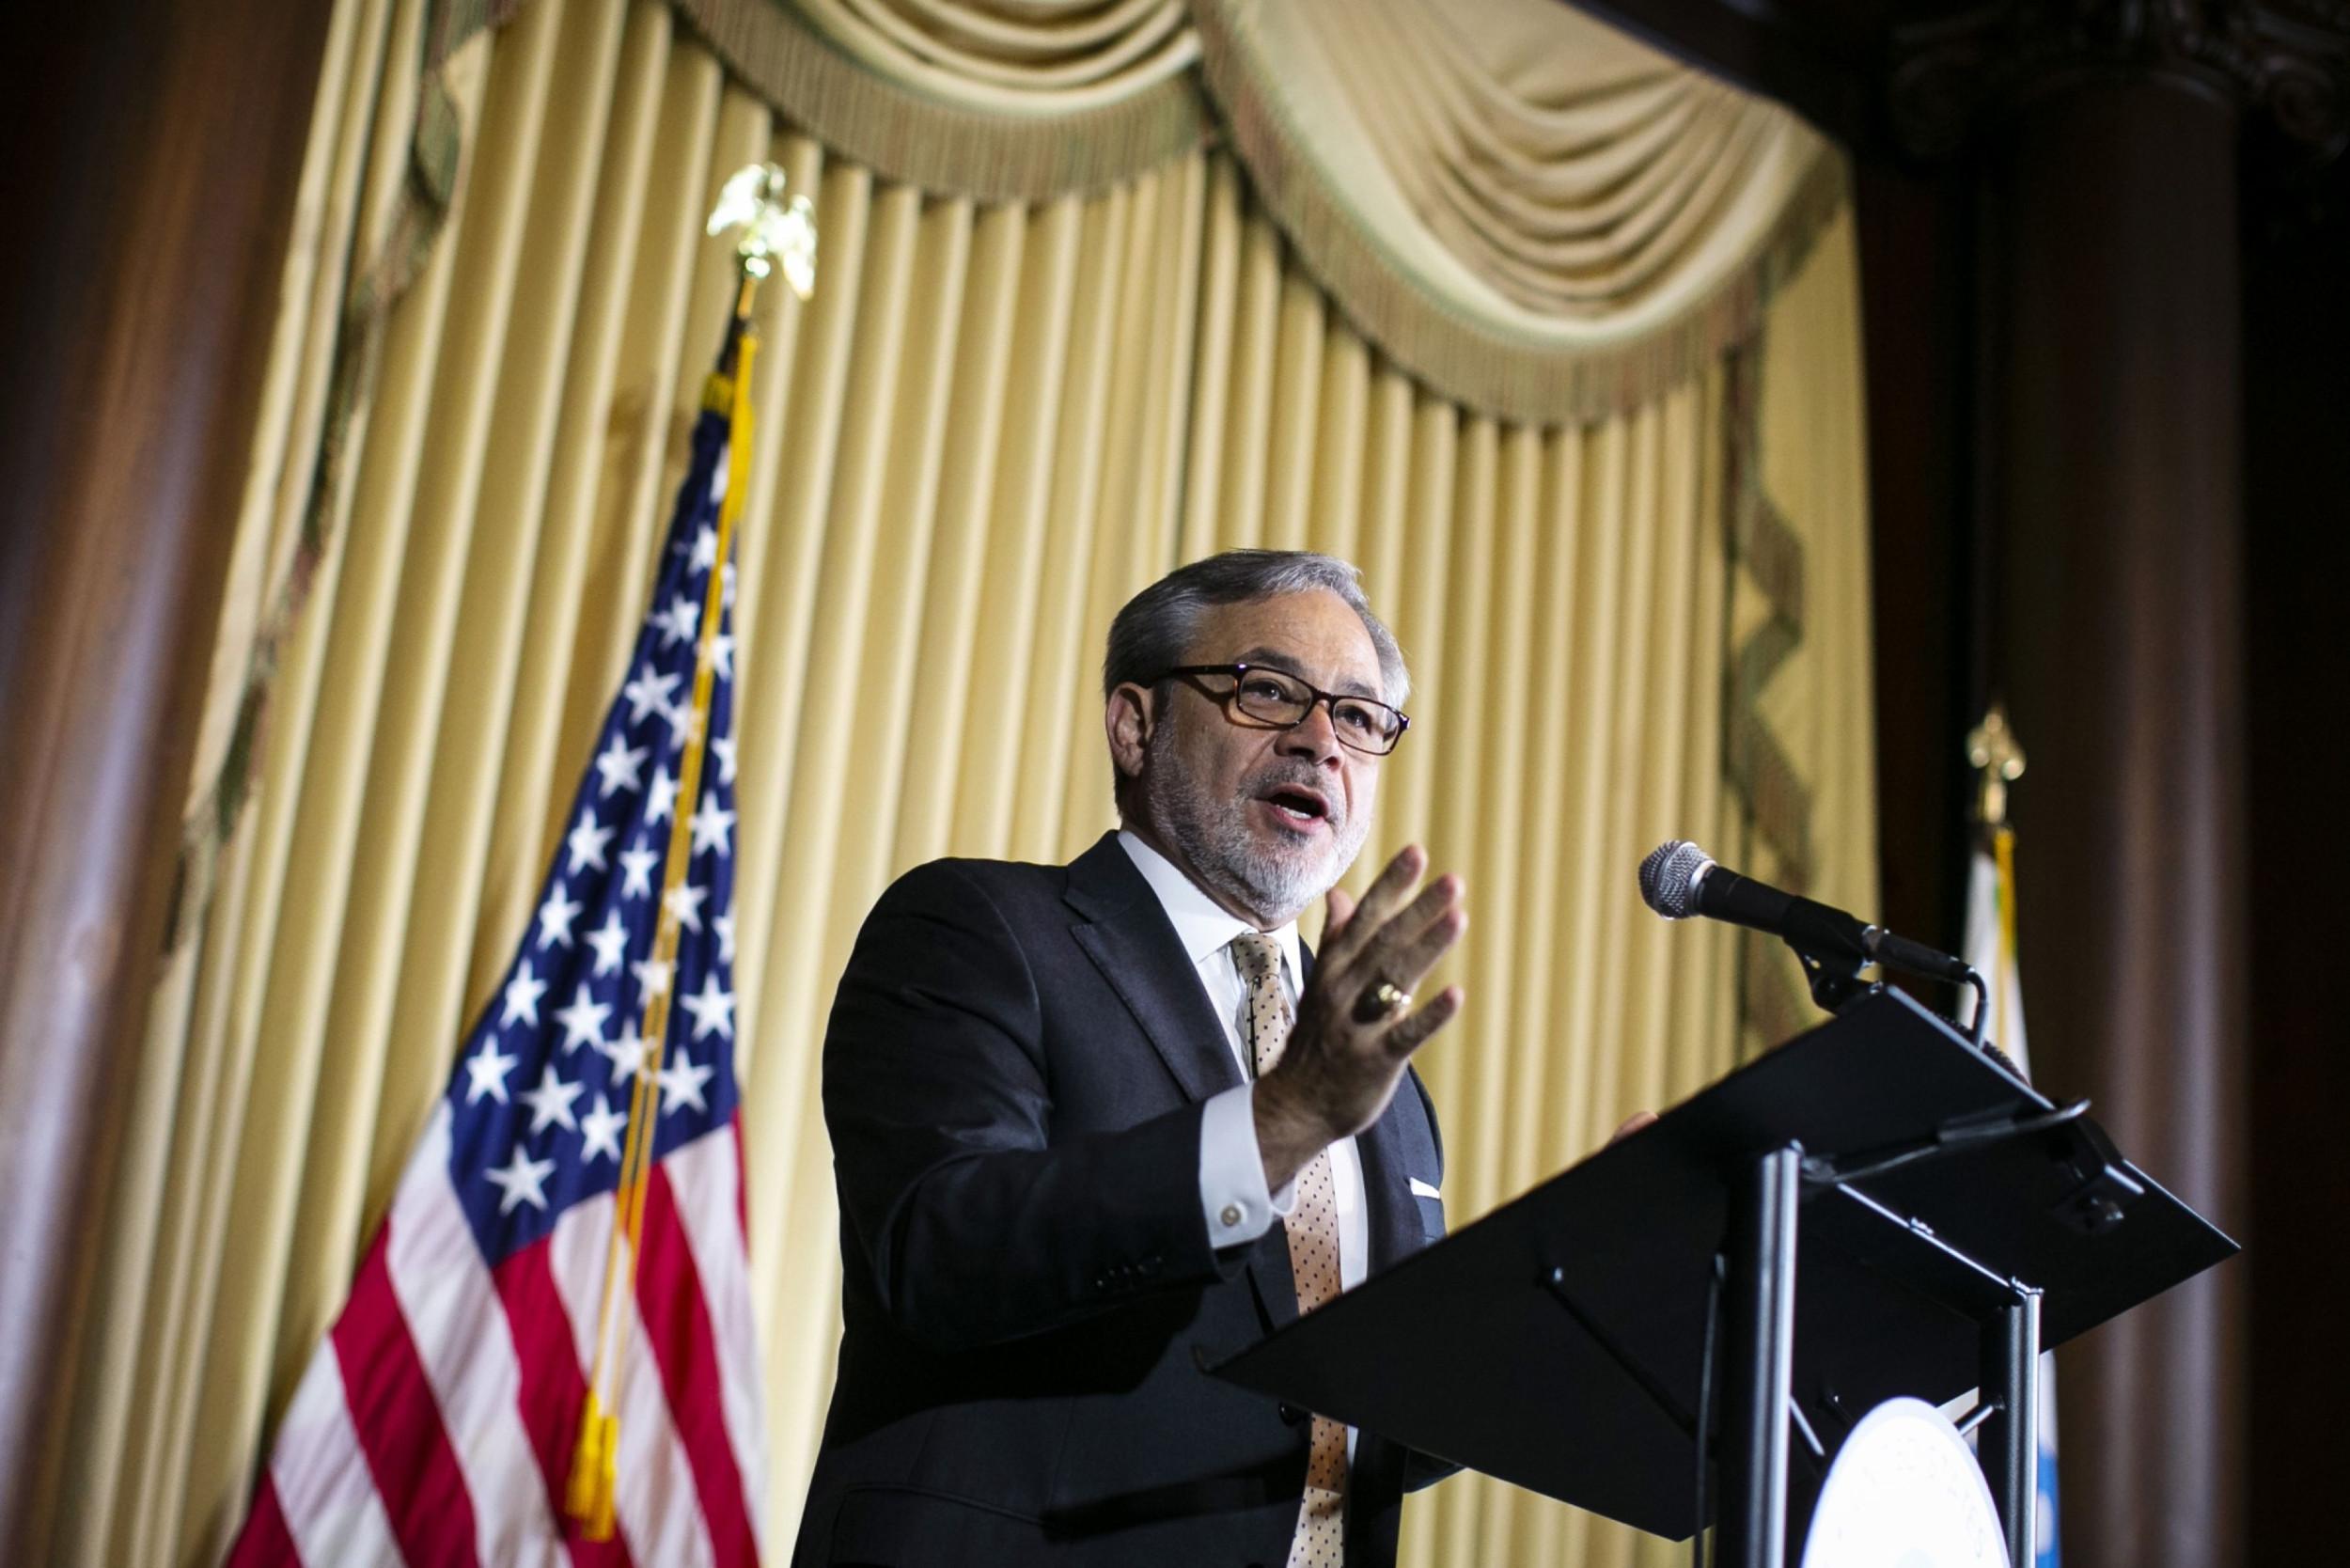 Den Brulet, američki ministar energetike, govori na skupu u sedištu Agencije za zaštitu životne sredine (EPA) u Vašingtonu (Foto: Al Drago/Bloomberg)